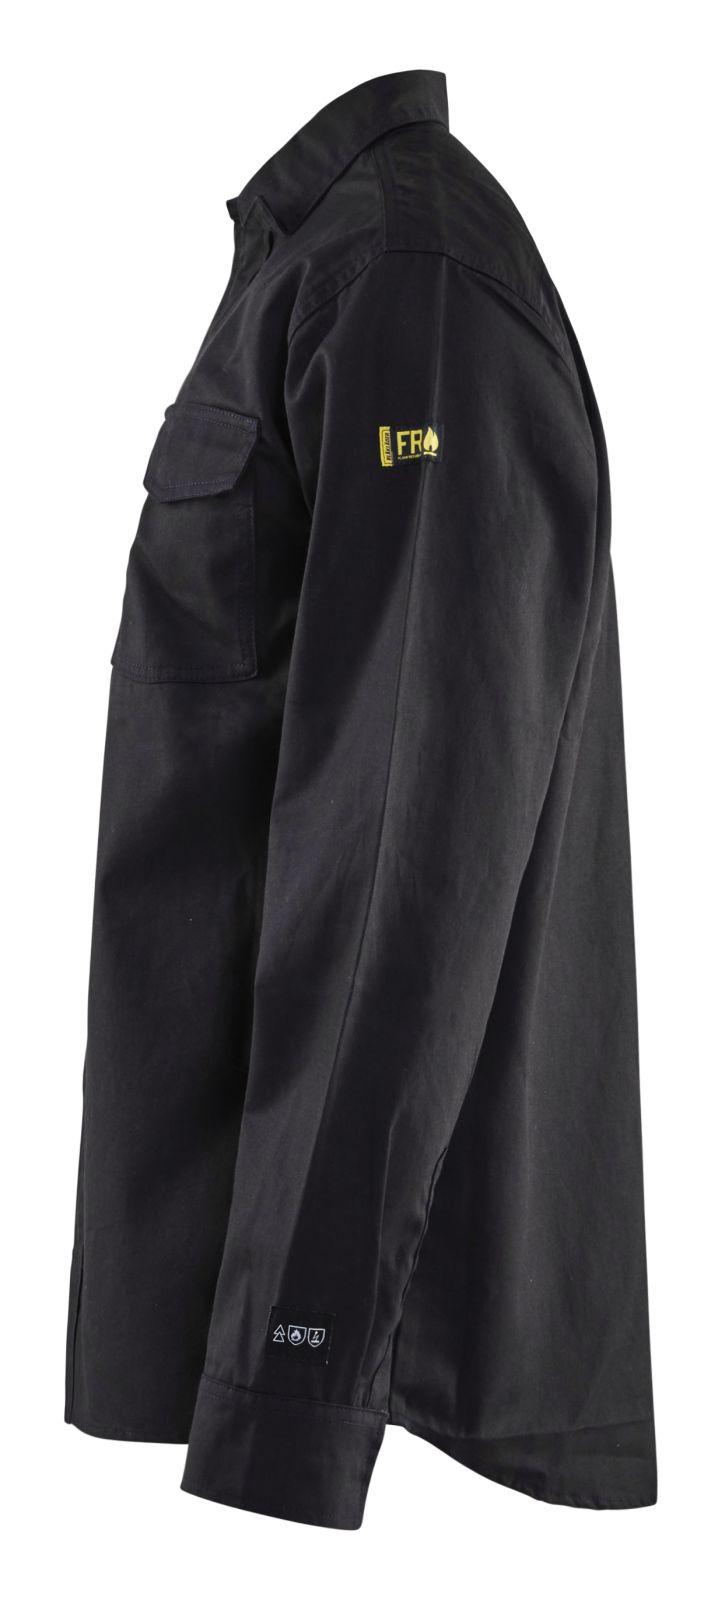 Blaklader Overhemden 32261504 Vlamvertragend zwart(9900)